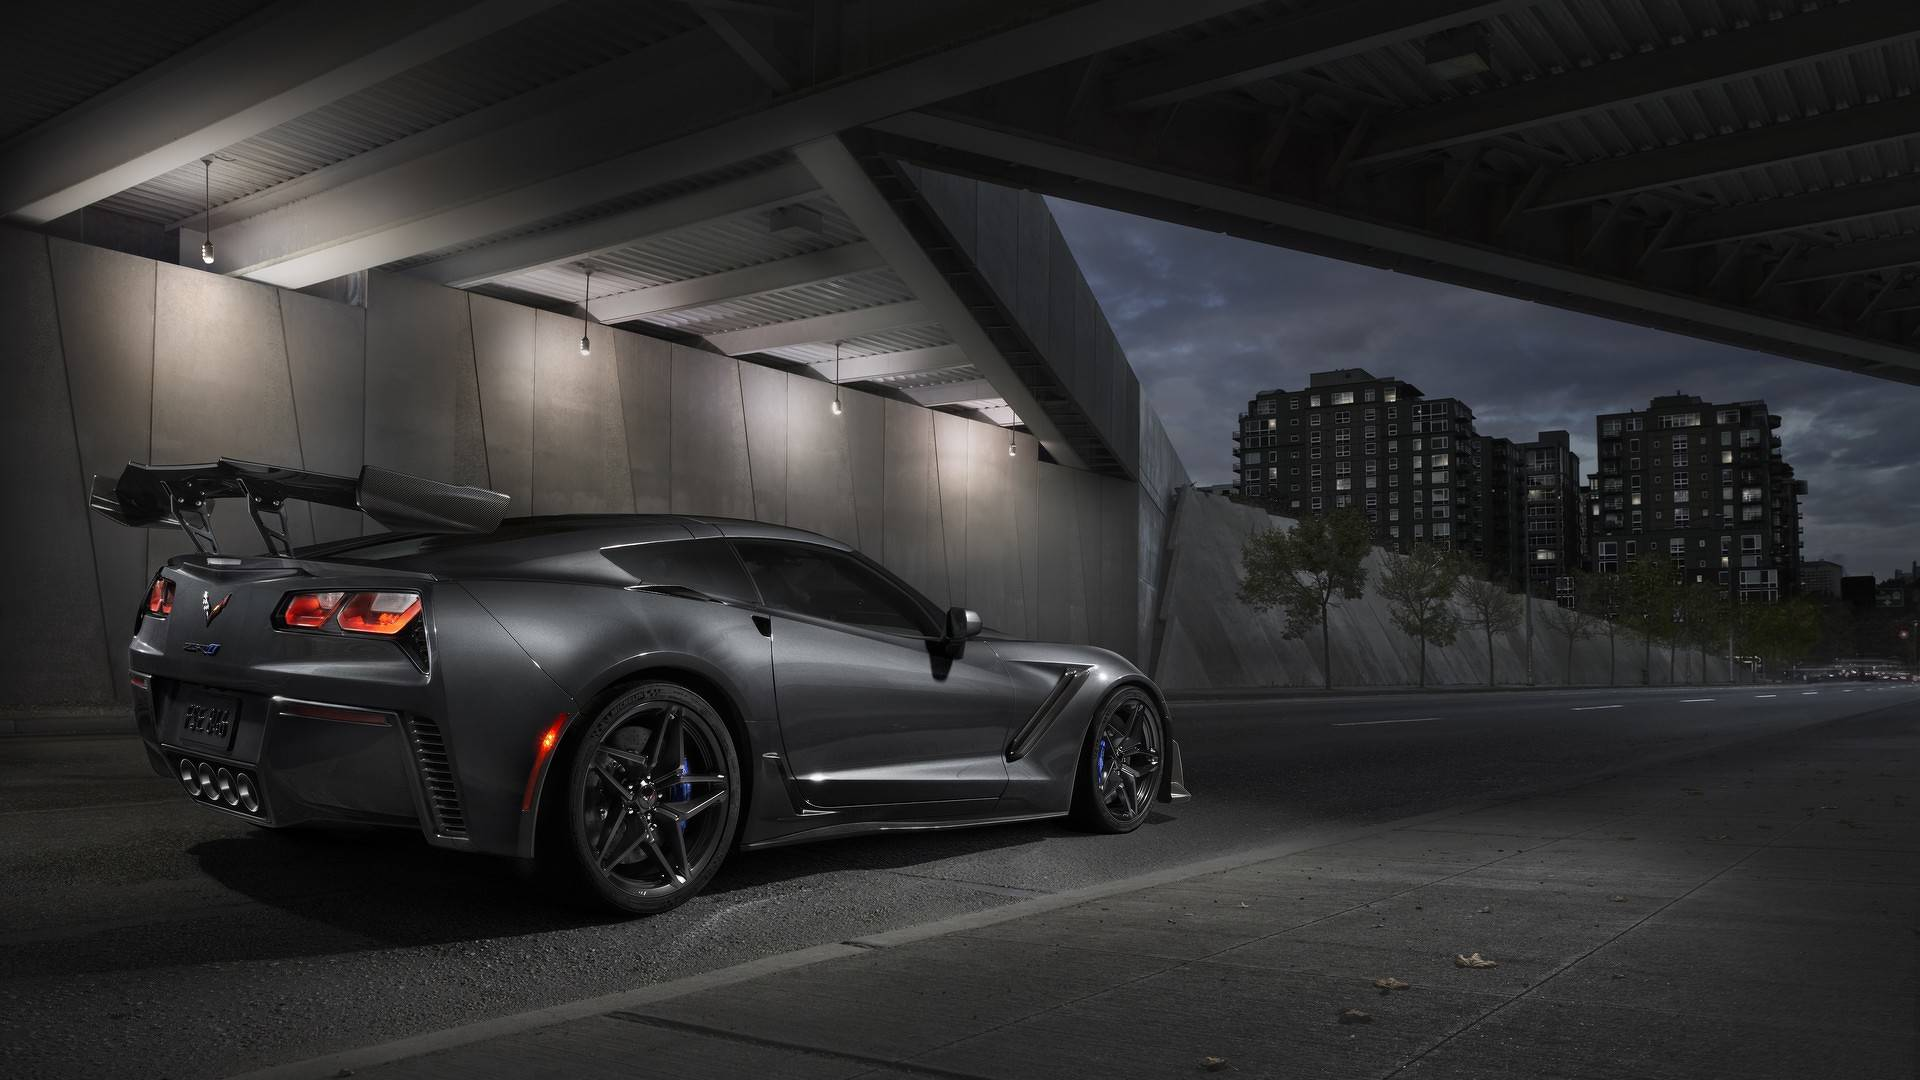 El próximo Chevrolet Corvette será brutal, ¿quieres saber por qué?